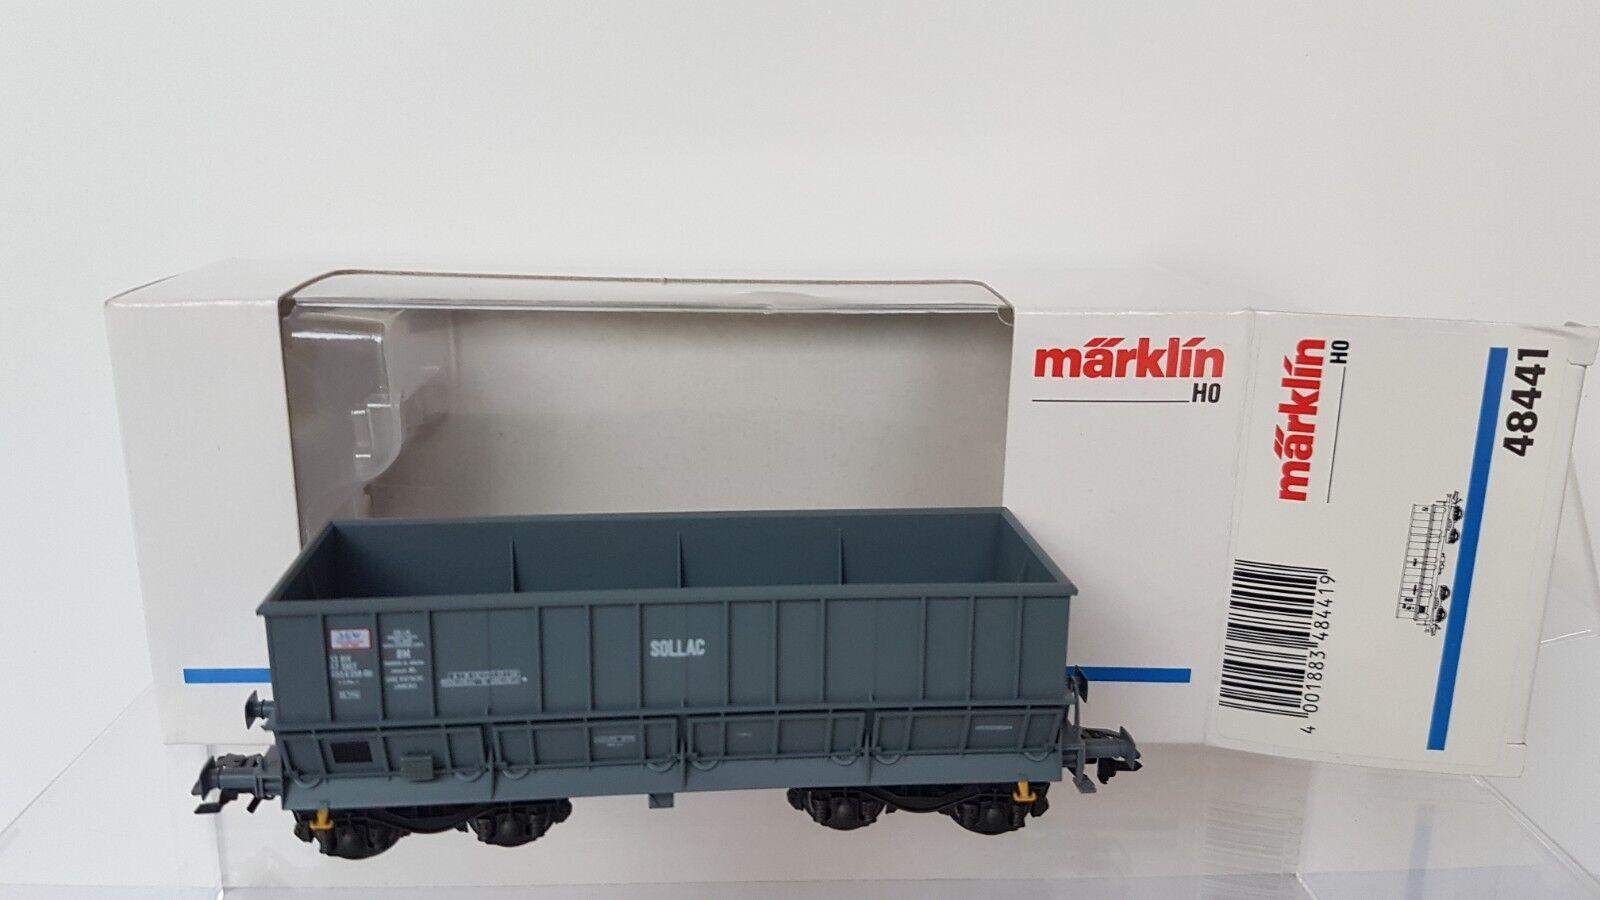 Märklin h0 48441 minerali-TRASPORTO-CARRELLO SOLLAC della nuovo SNCF OVP come nuovo della 7048b0